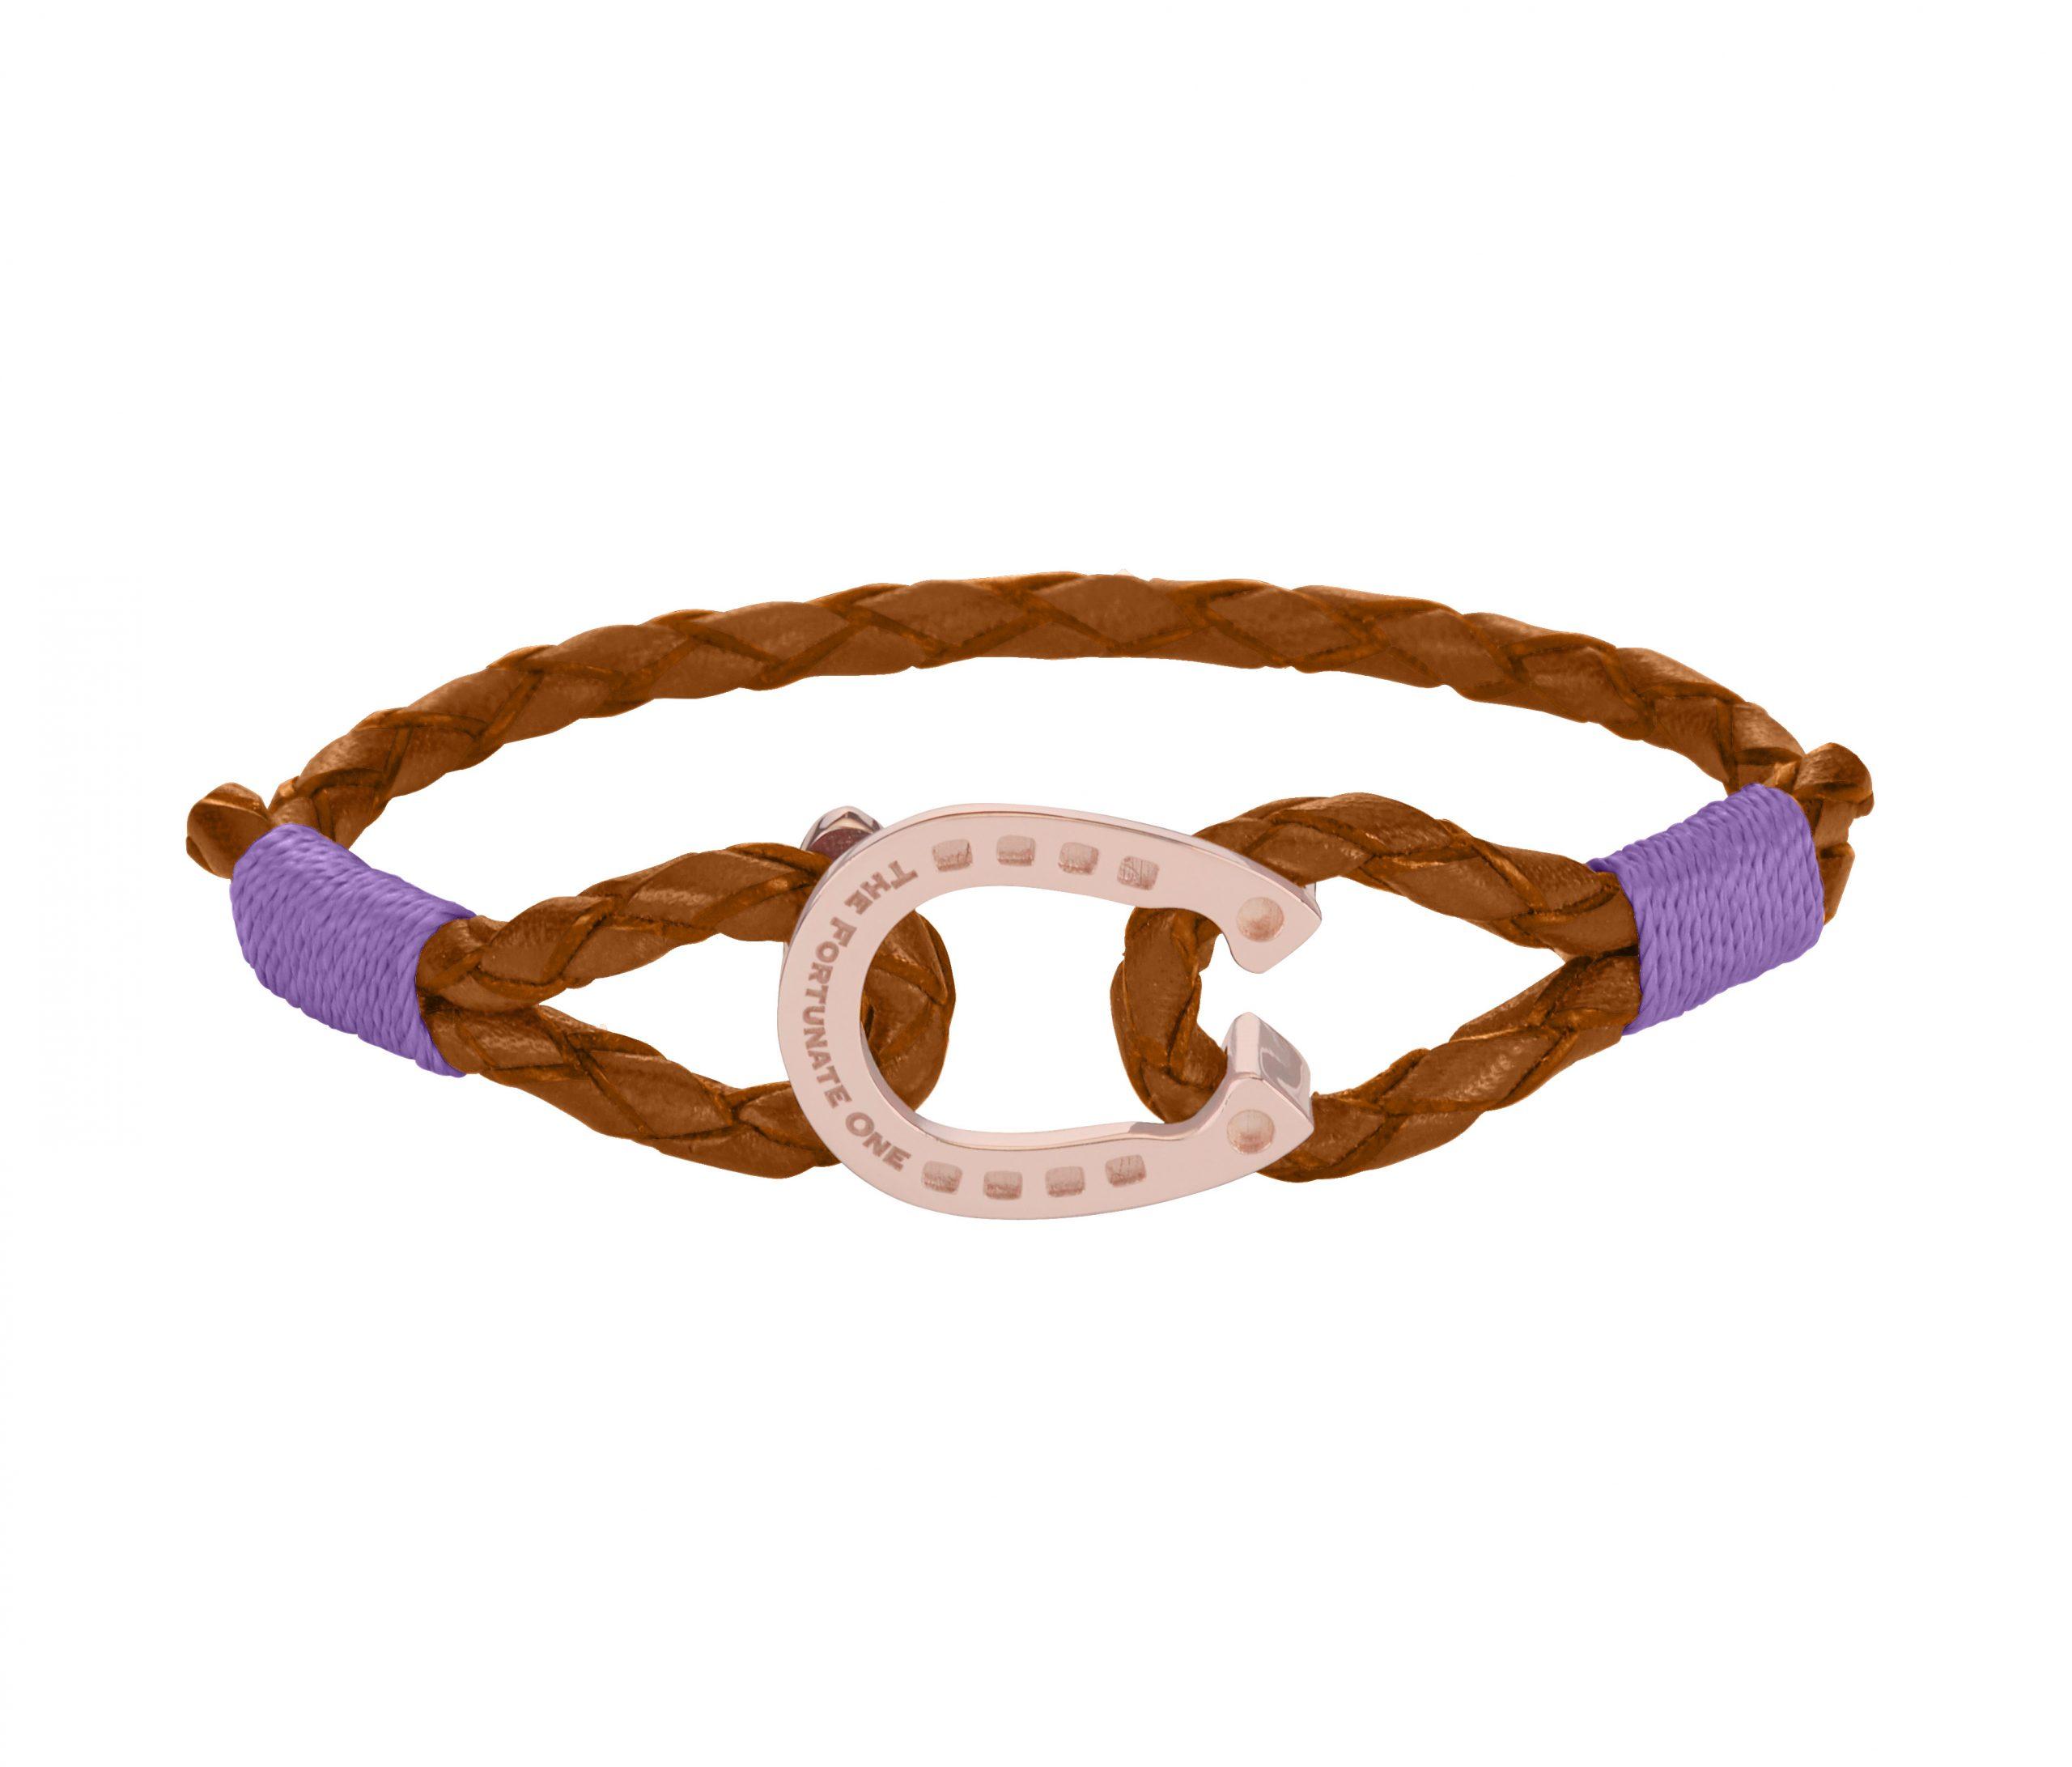 Horseshoe-jewellery-Rose-Purple-Palomino-Leather-Bracelet-front